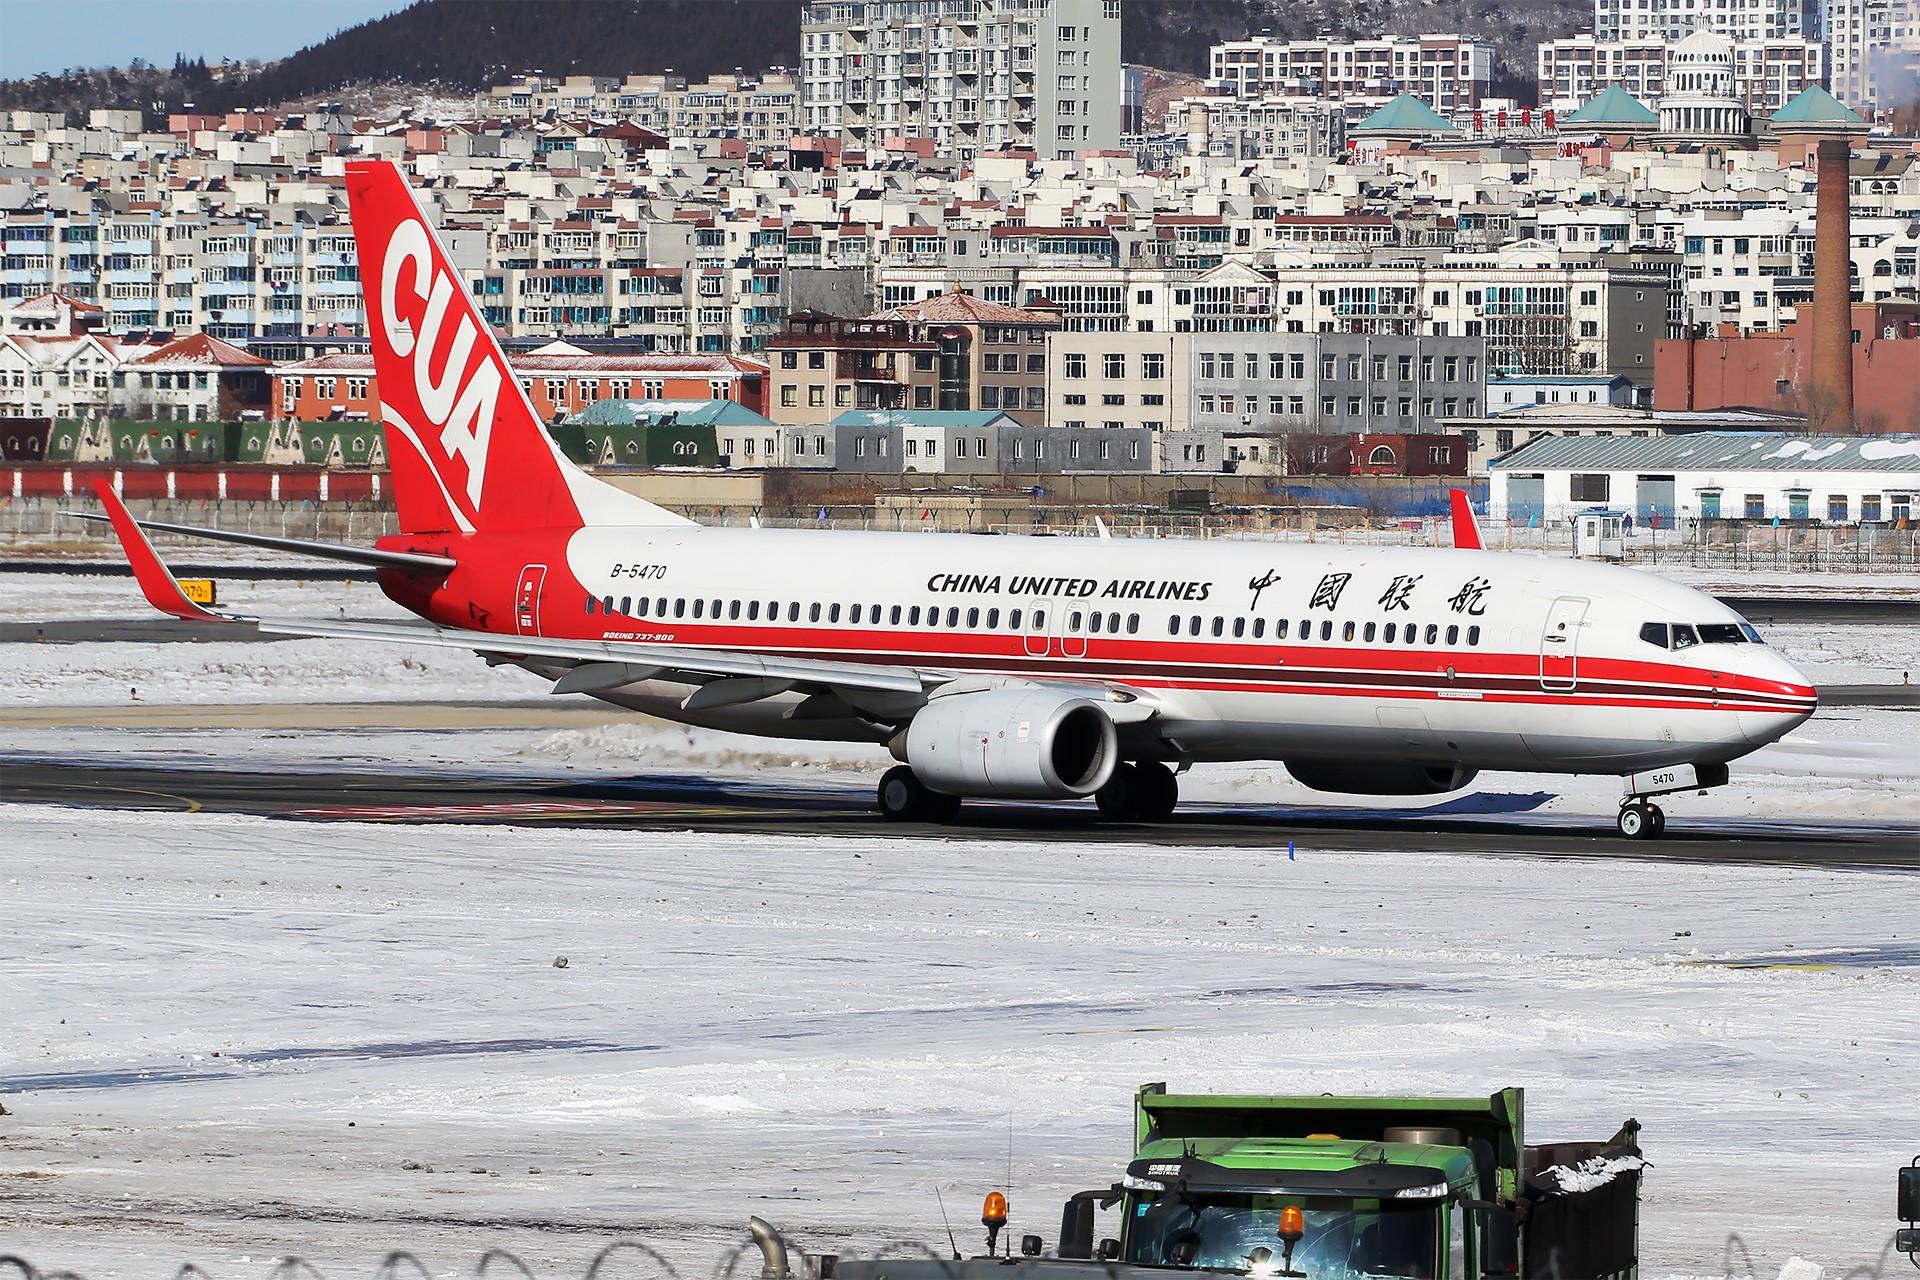 Re:[原创][原创][DLC]。。。DLC雪。。。 BOEING 737-800 B-5470 中国大连国际机场